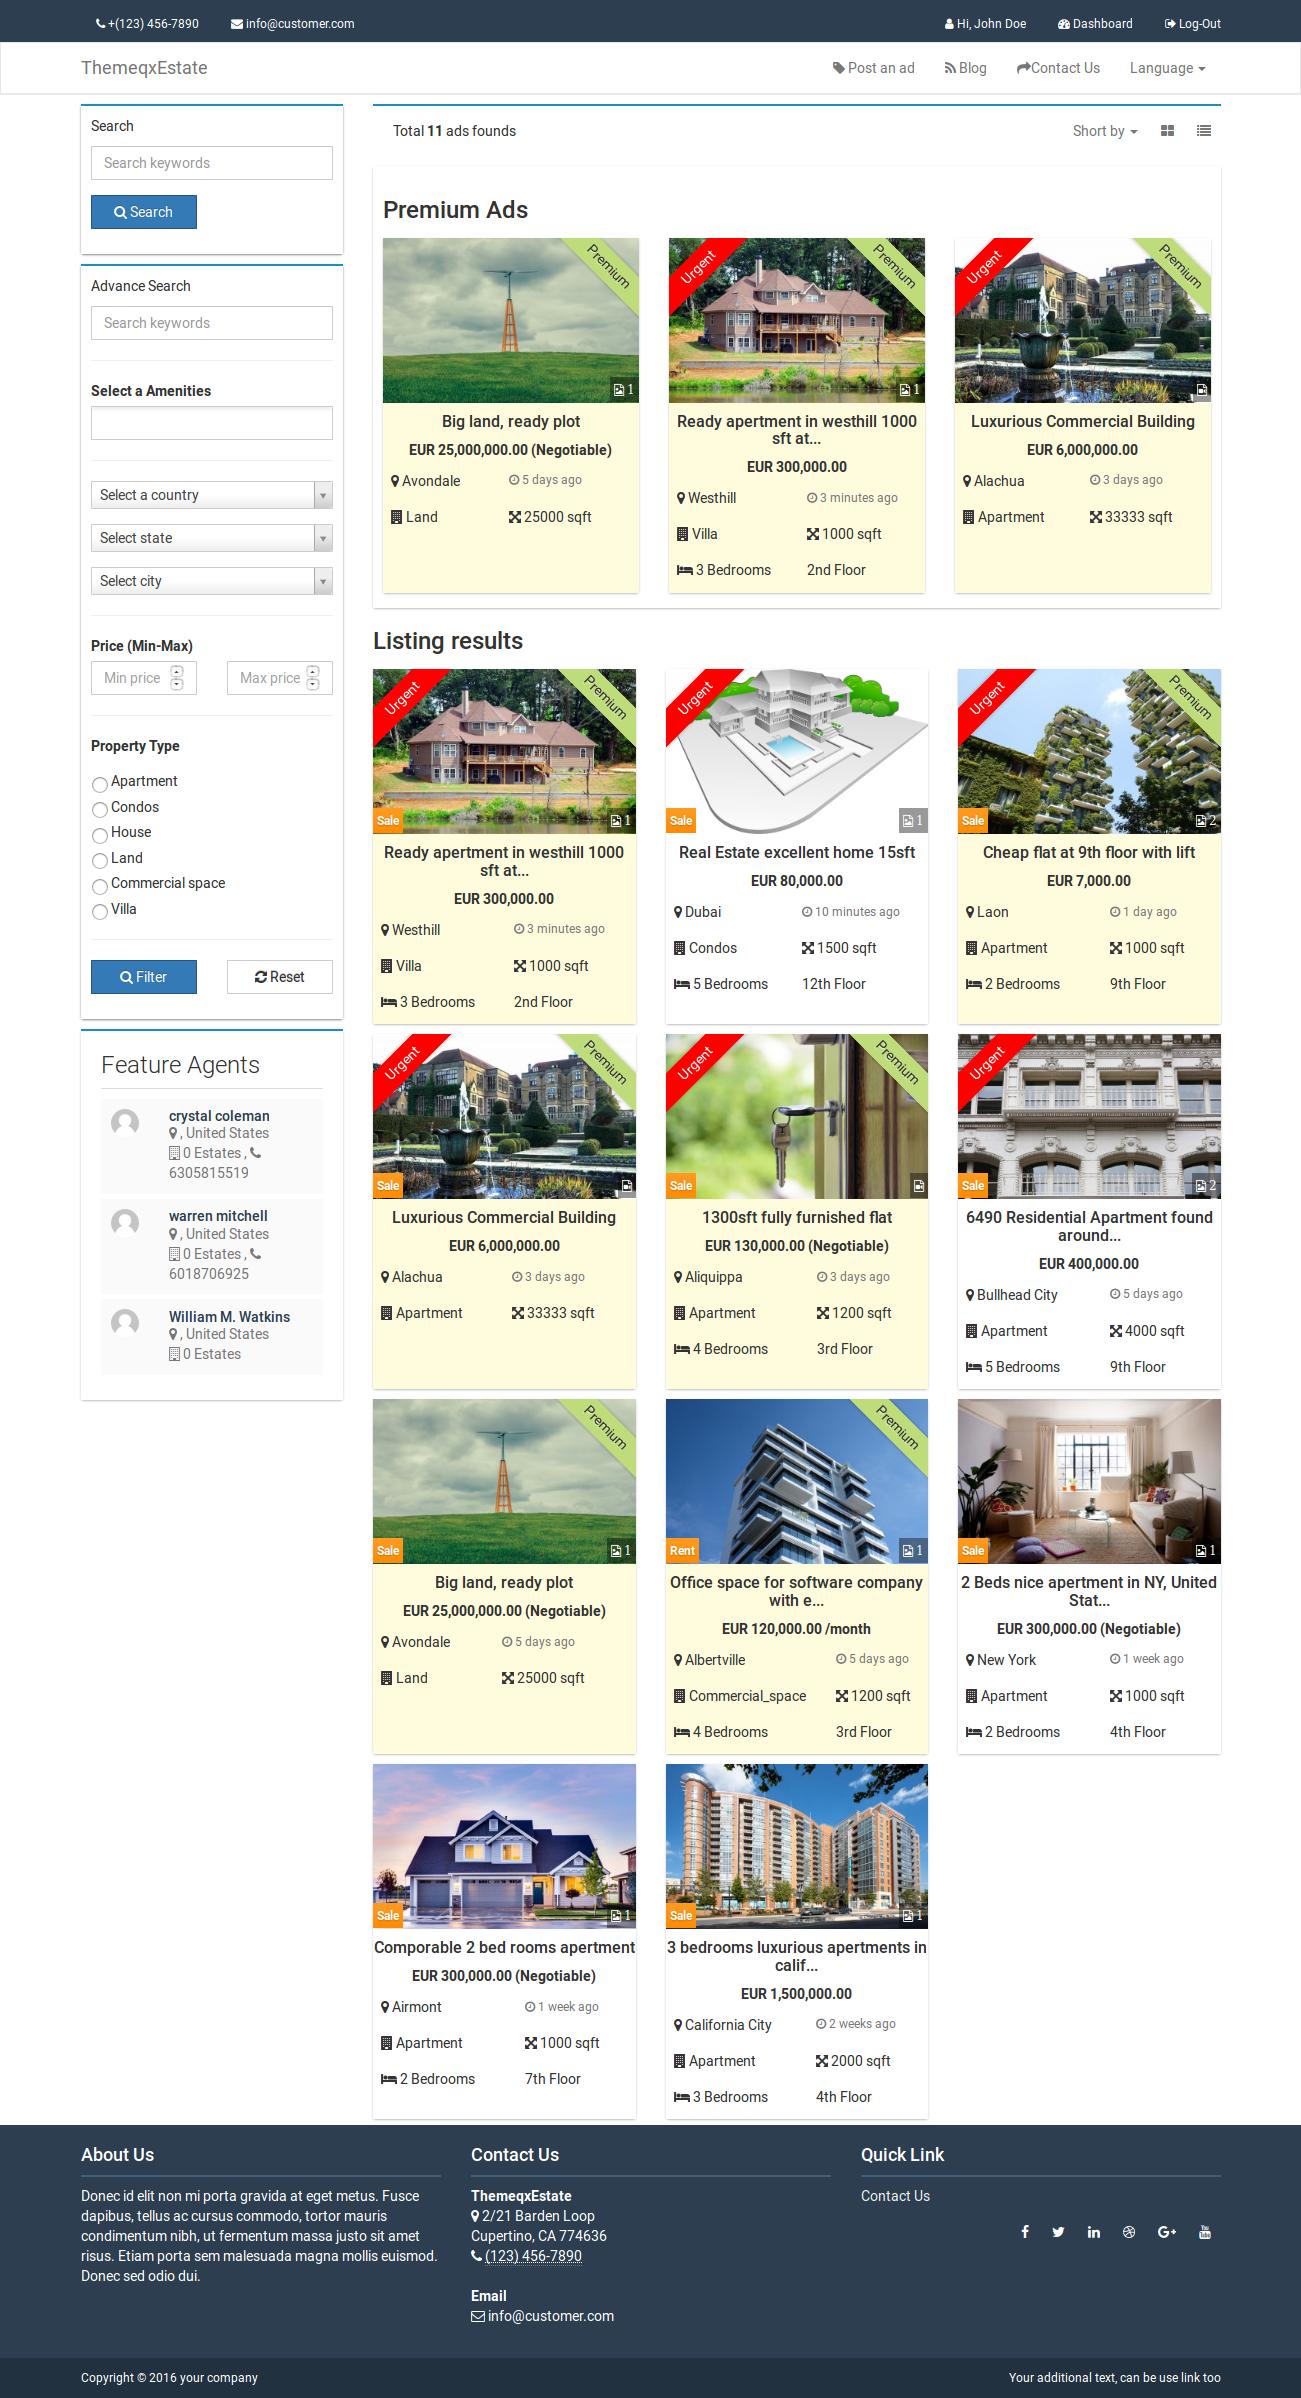 Agencia Imobiliária - ThemeqxEstate - Portal de Listagem de Imóveis do Laravel Script